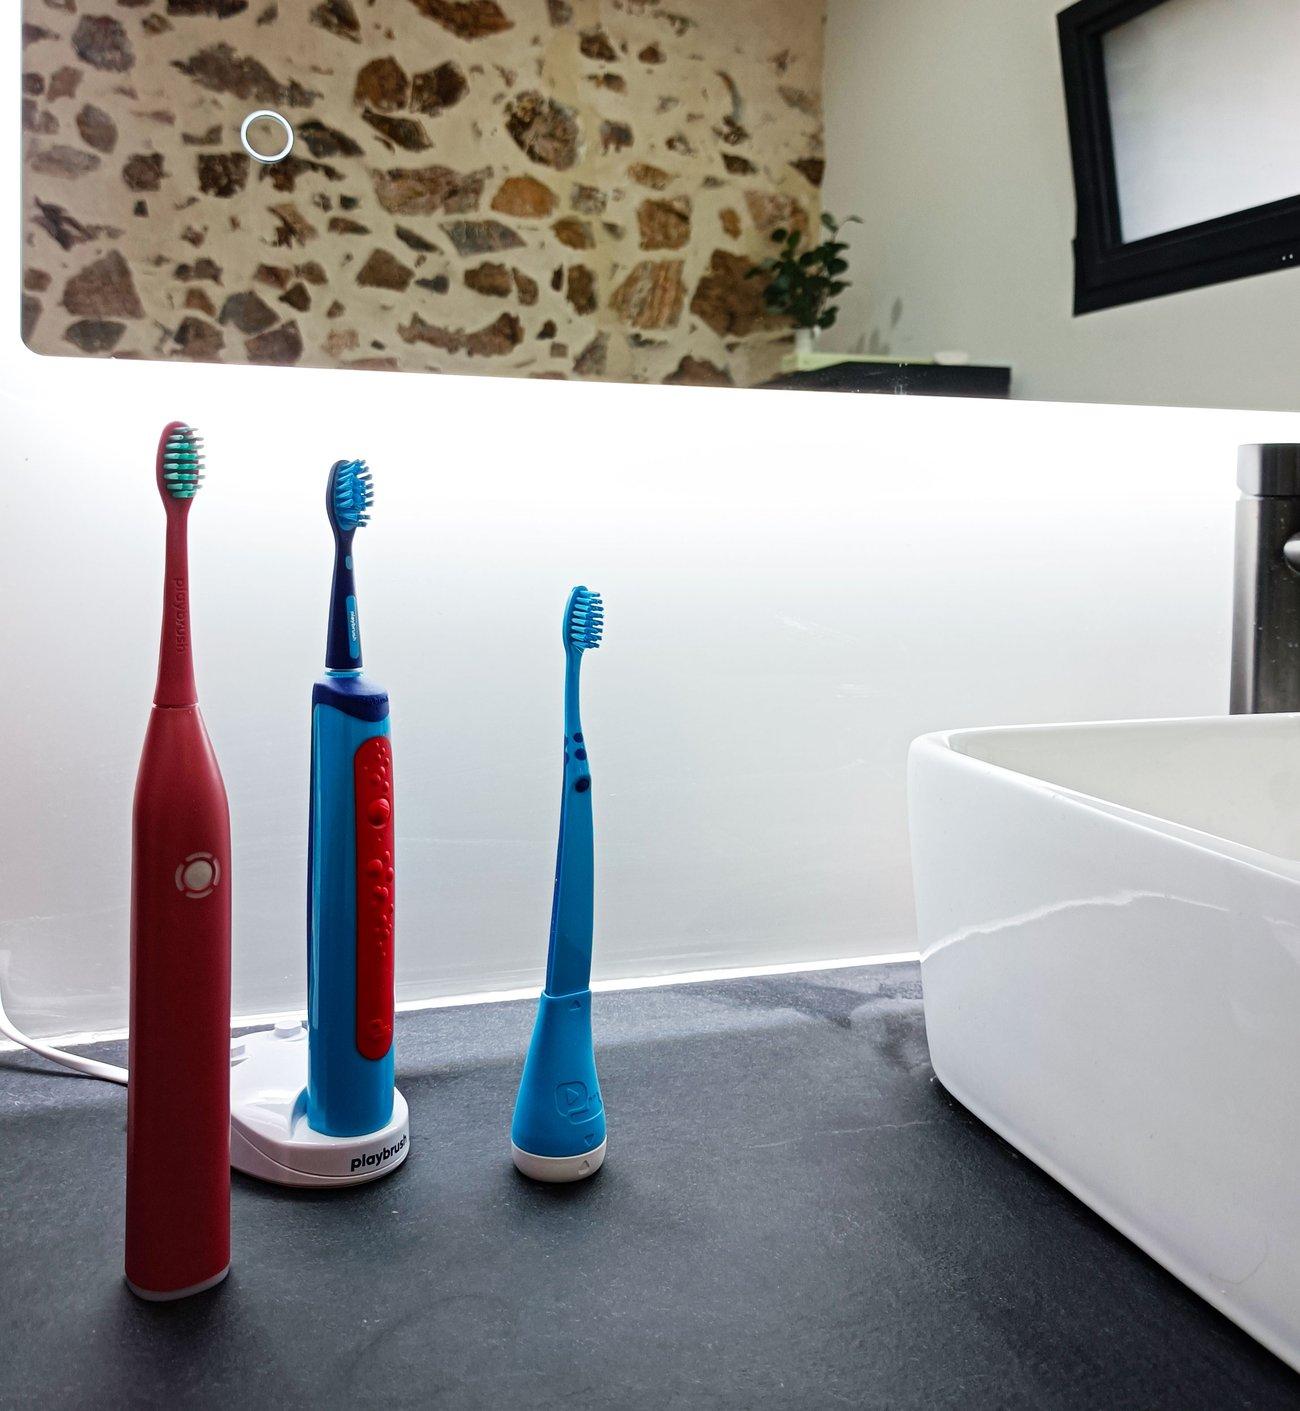 Übericht der verschiedenen Playbrush-Zahnbürsten